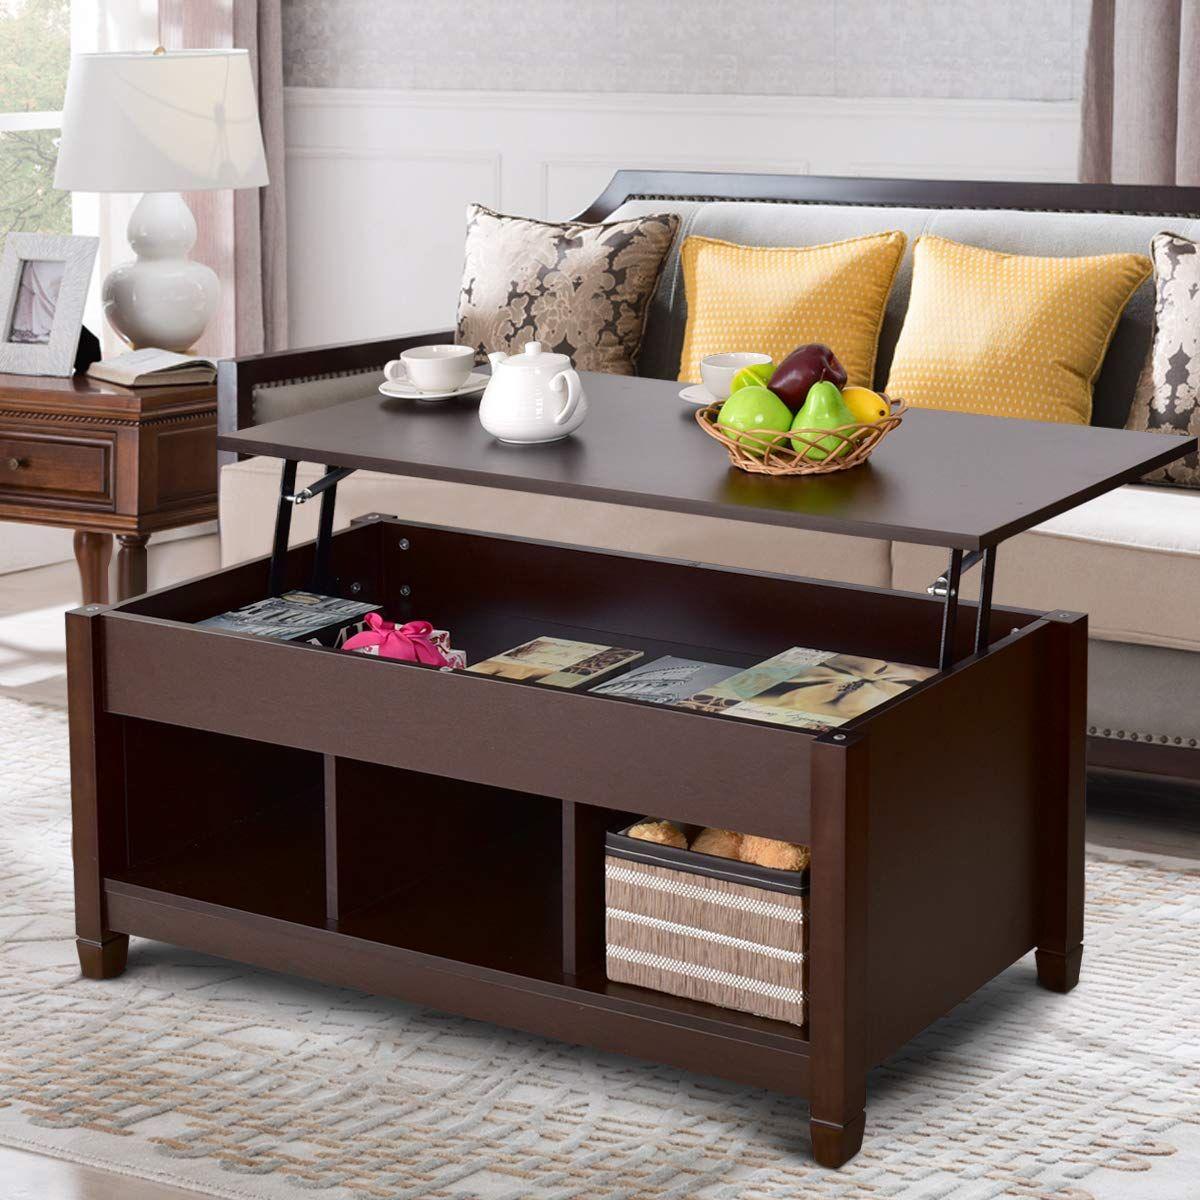 Amazon Com Tangkula Coffee Table Lift Top Wood Home Living Room